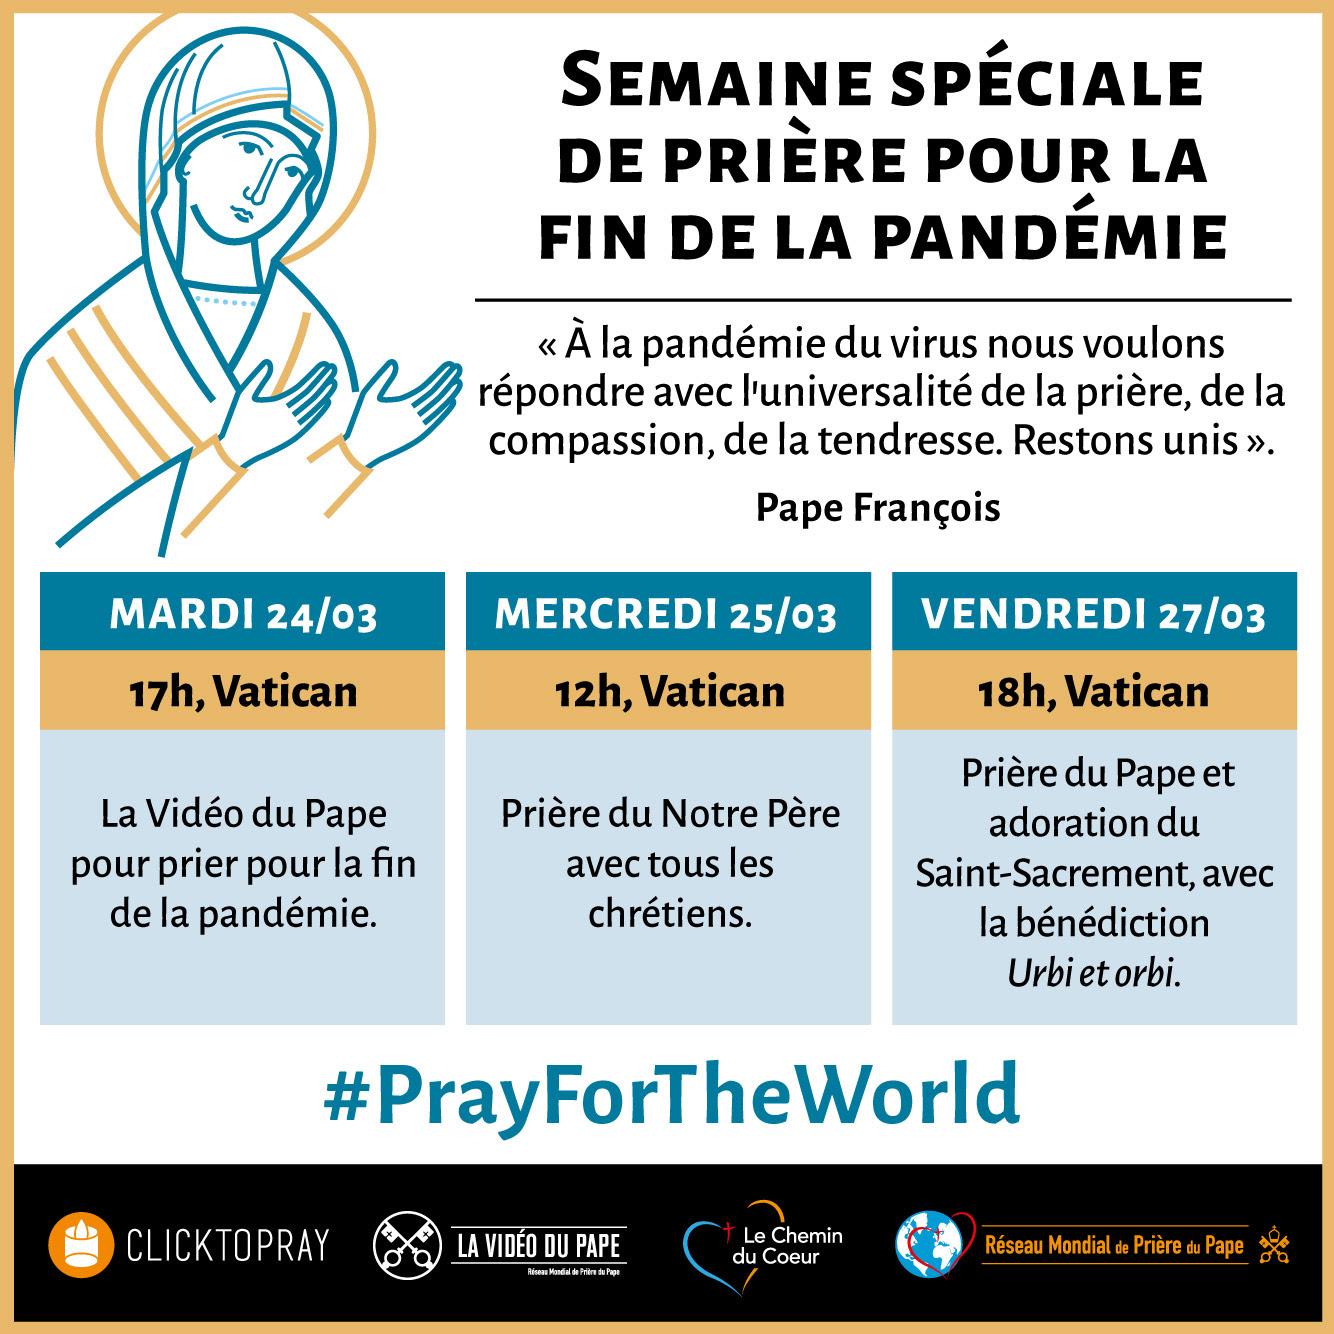 Semaine de prière pour la fin de la pandémie @ La Vidéo du Pape